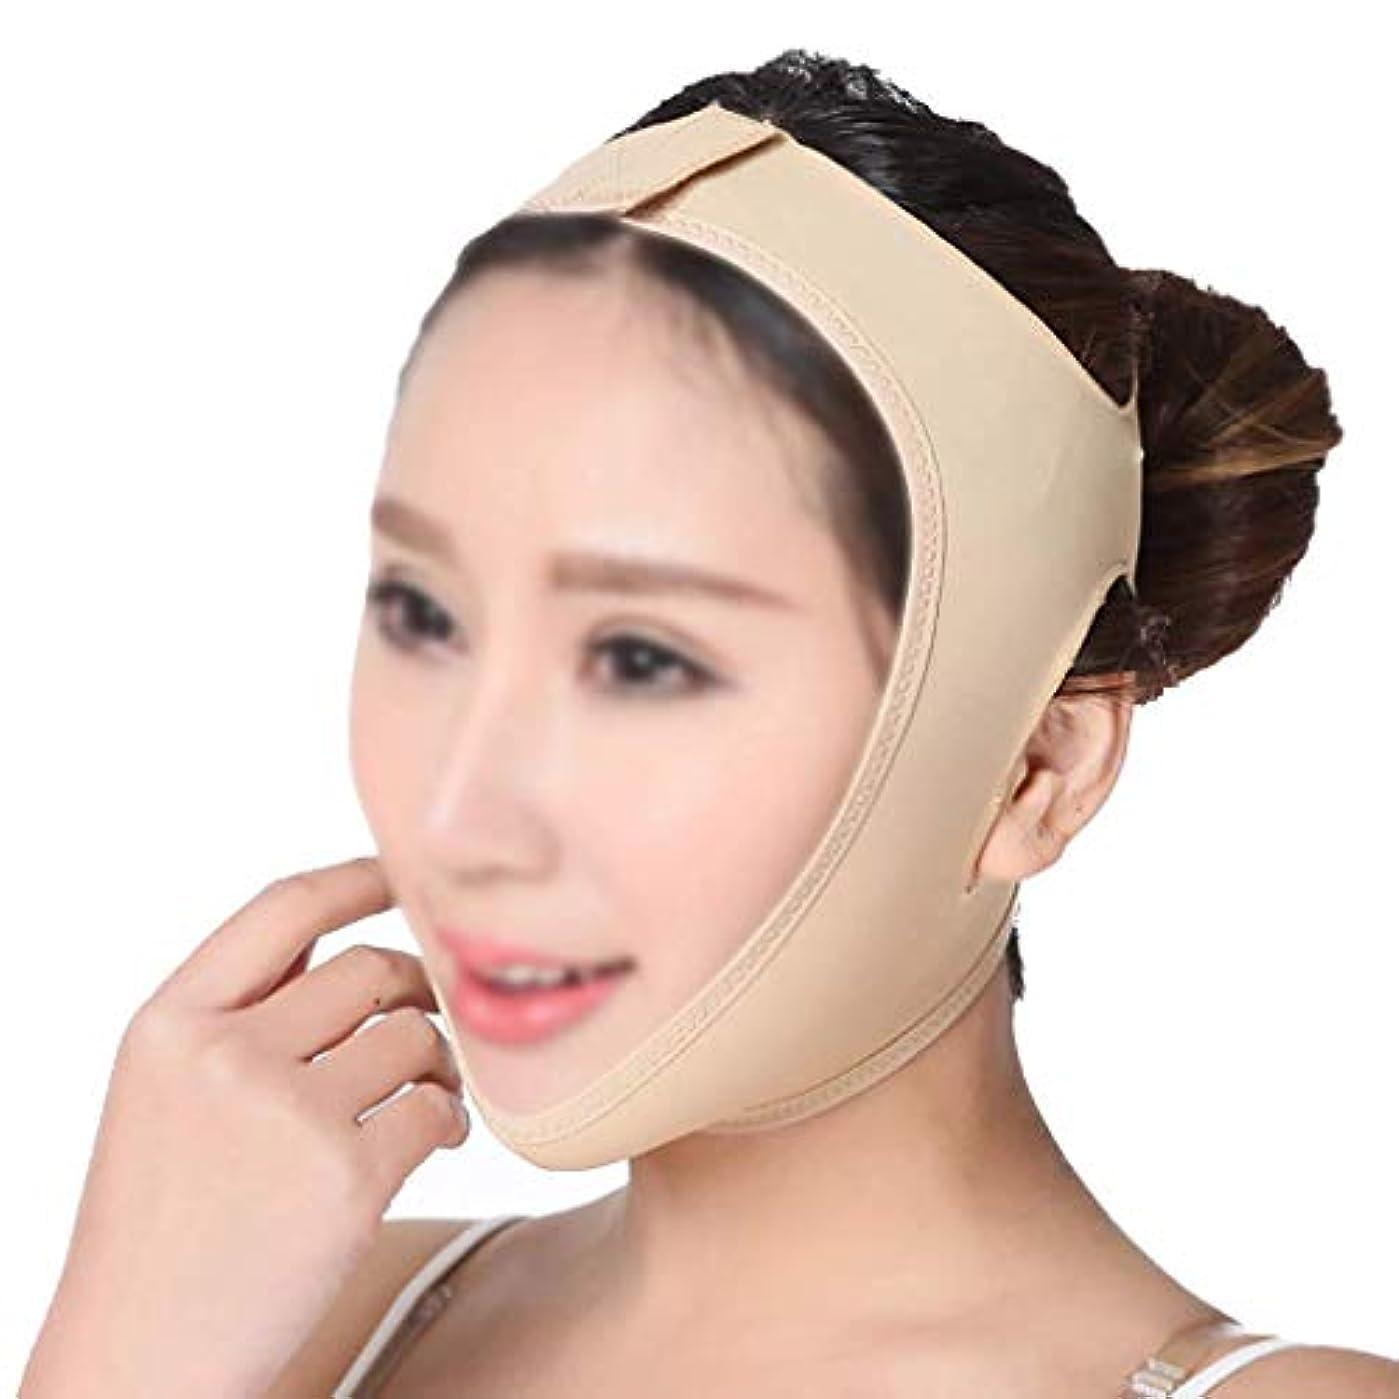 関係新しさ日付フェイスリフティングマスク、リフティングチン、フェイシャルスキン、頬垂れ防止、快適で 生地、詰まることを拒否、着用が簡単(サイズ:M),S